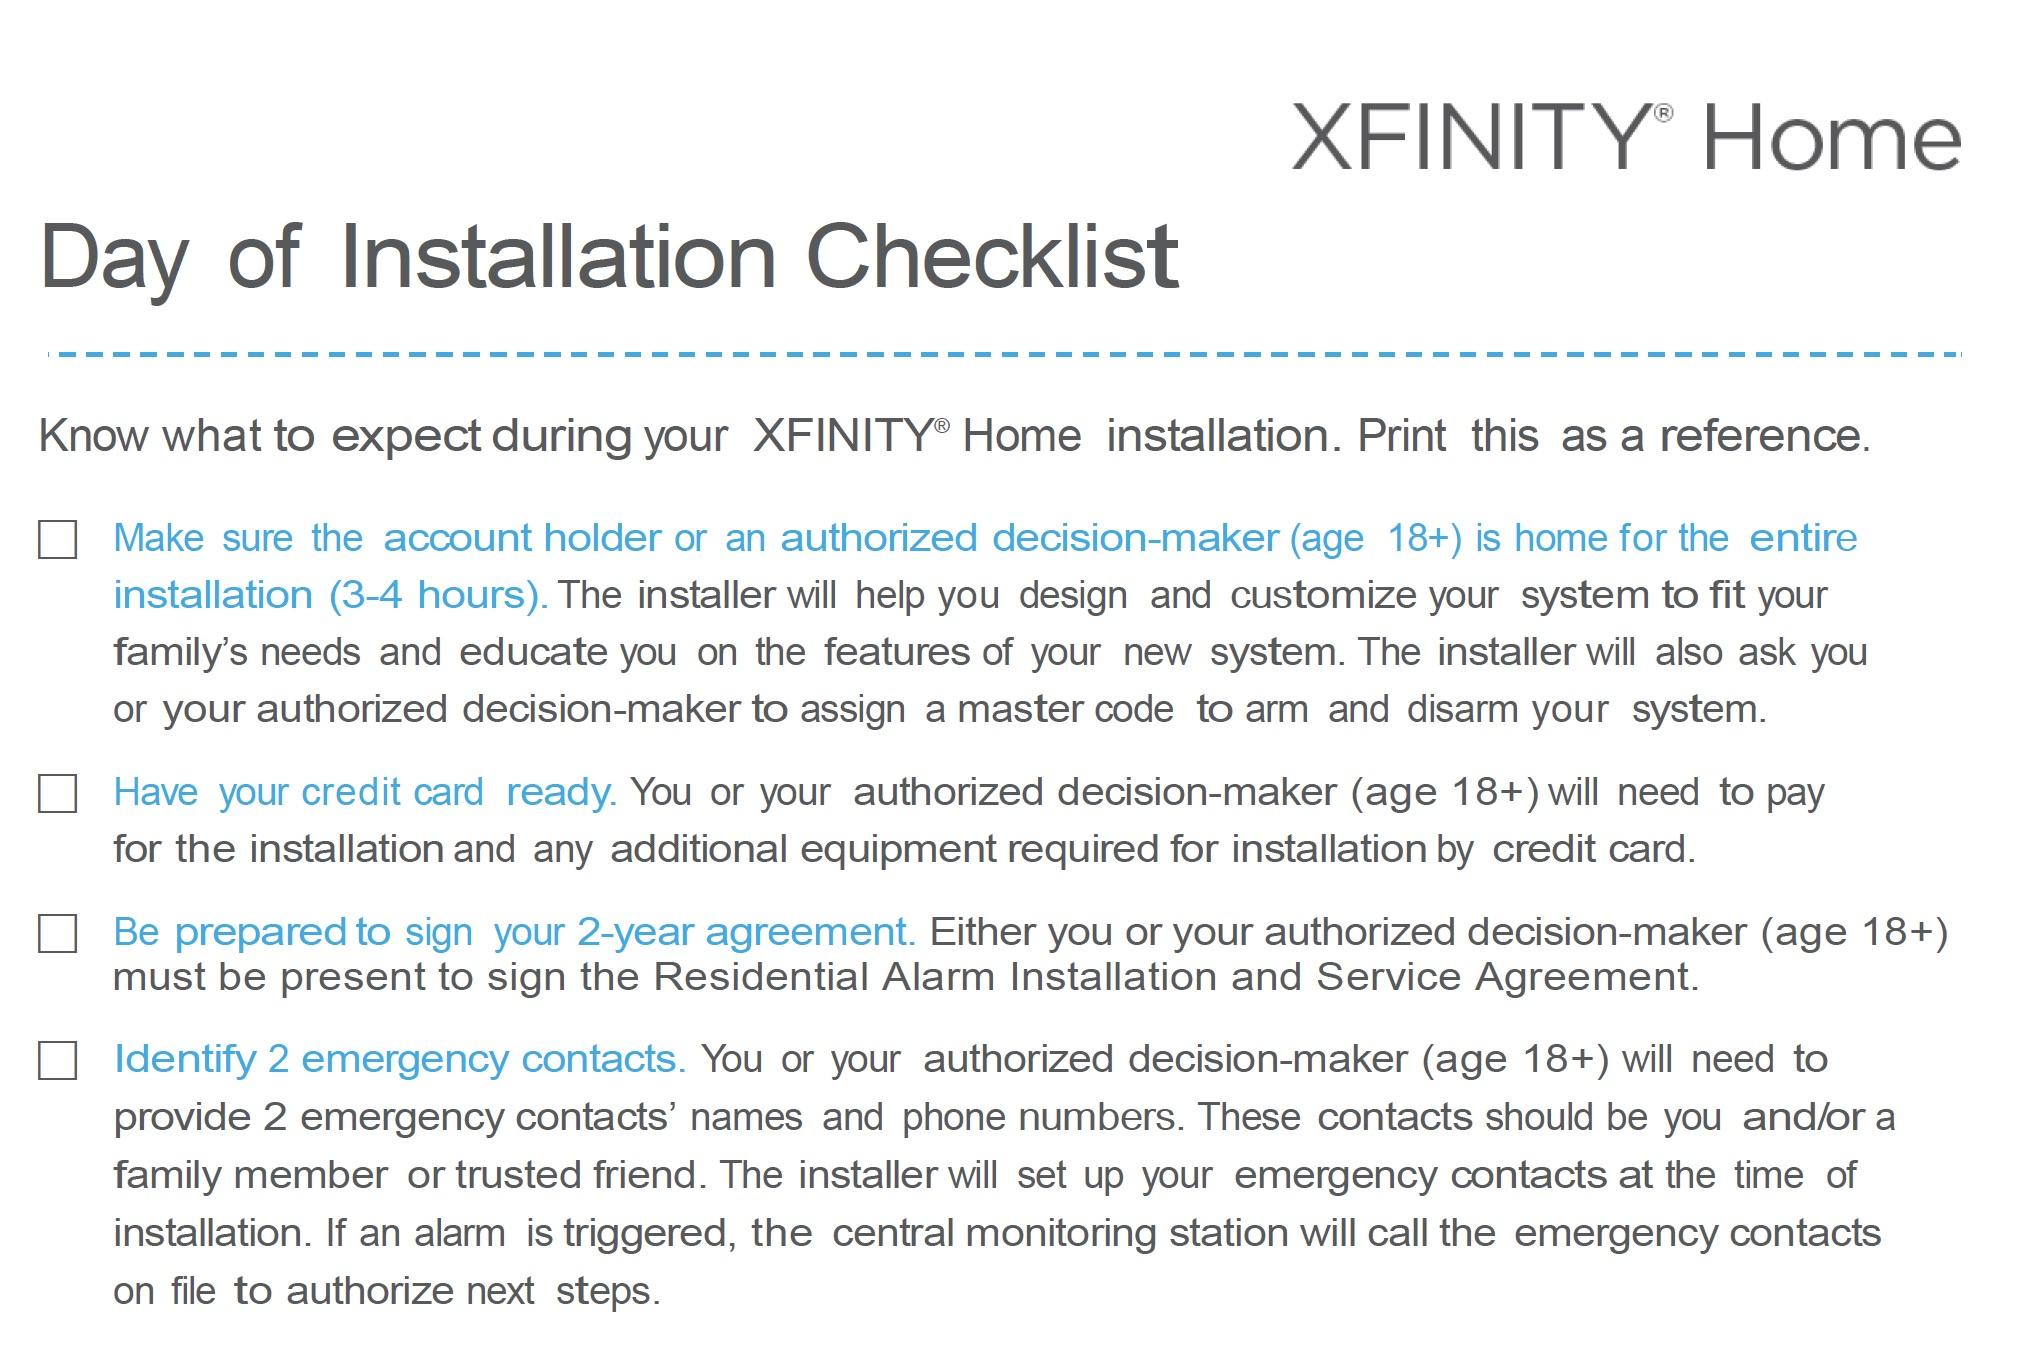 XFINITY_Home_Secure_Preinstall_Checklist_HOW9804_04032015_pdf